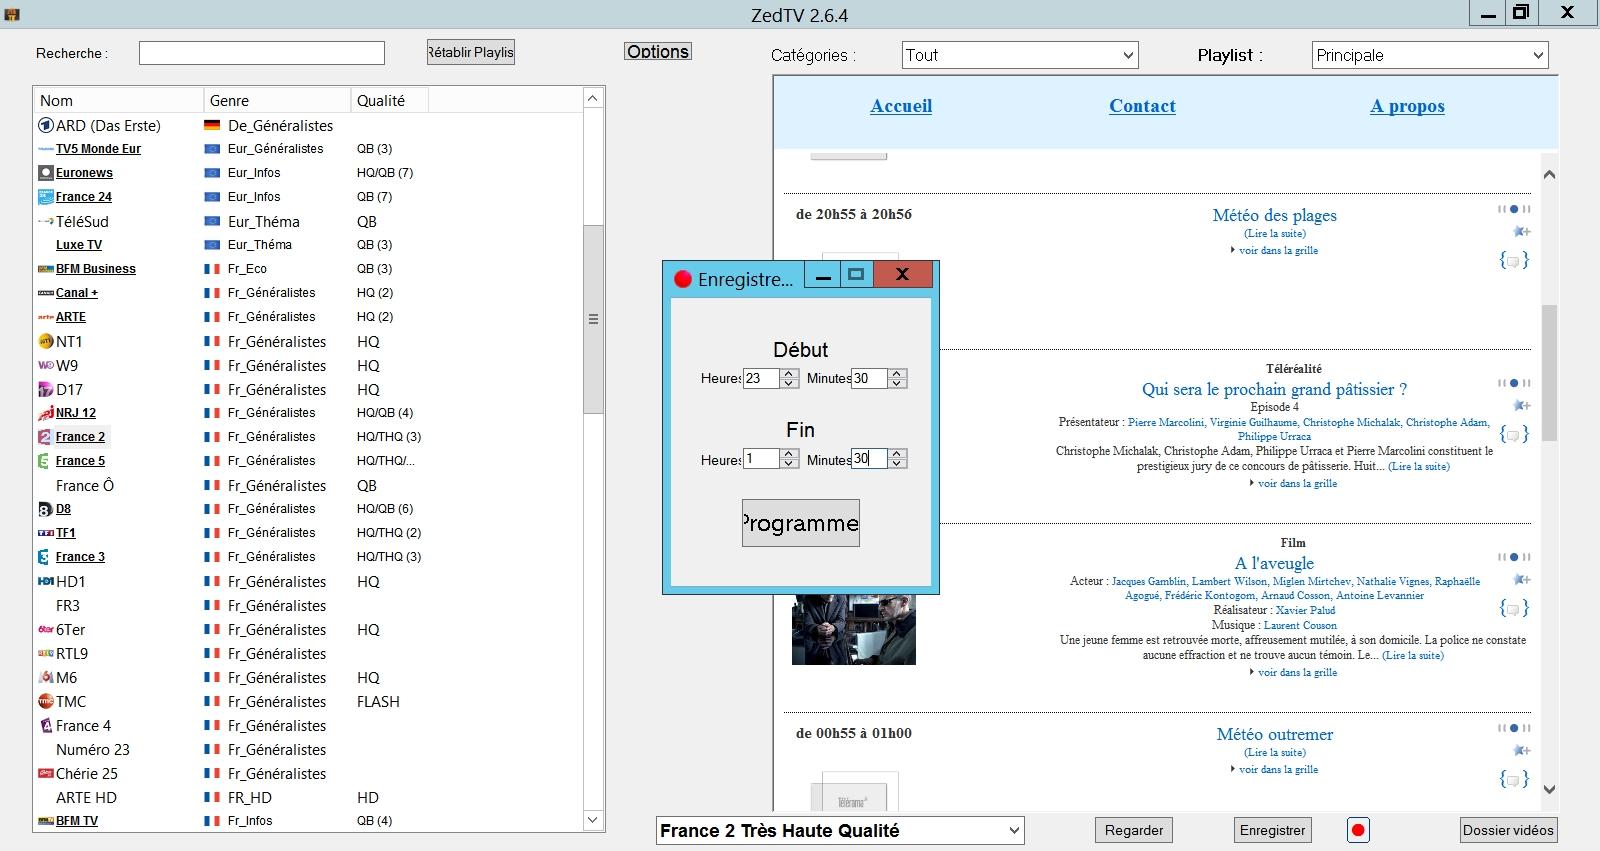 Enregistrer la télévision en direct sur votre PC